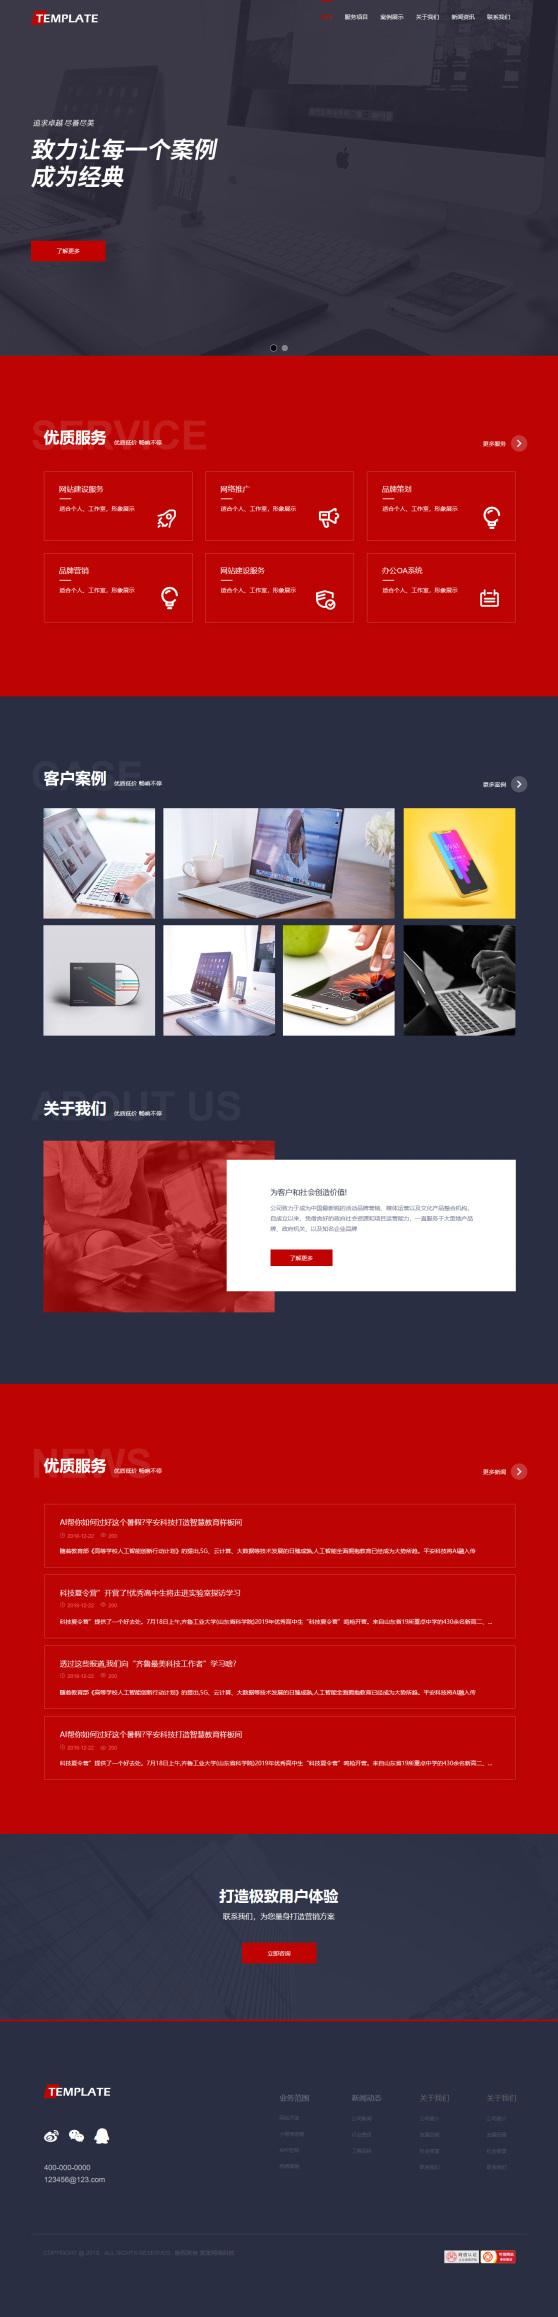 精美科技公司(服务型)网页模板